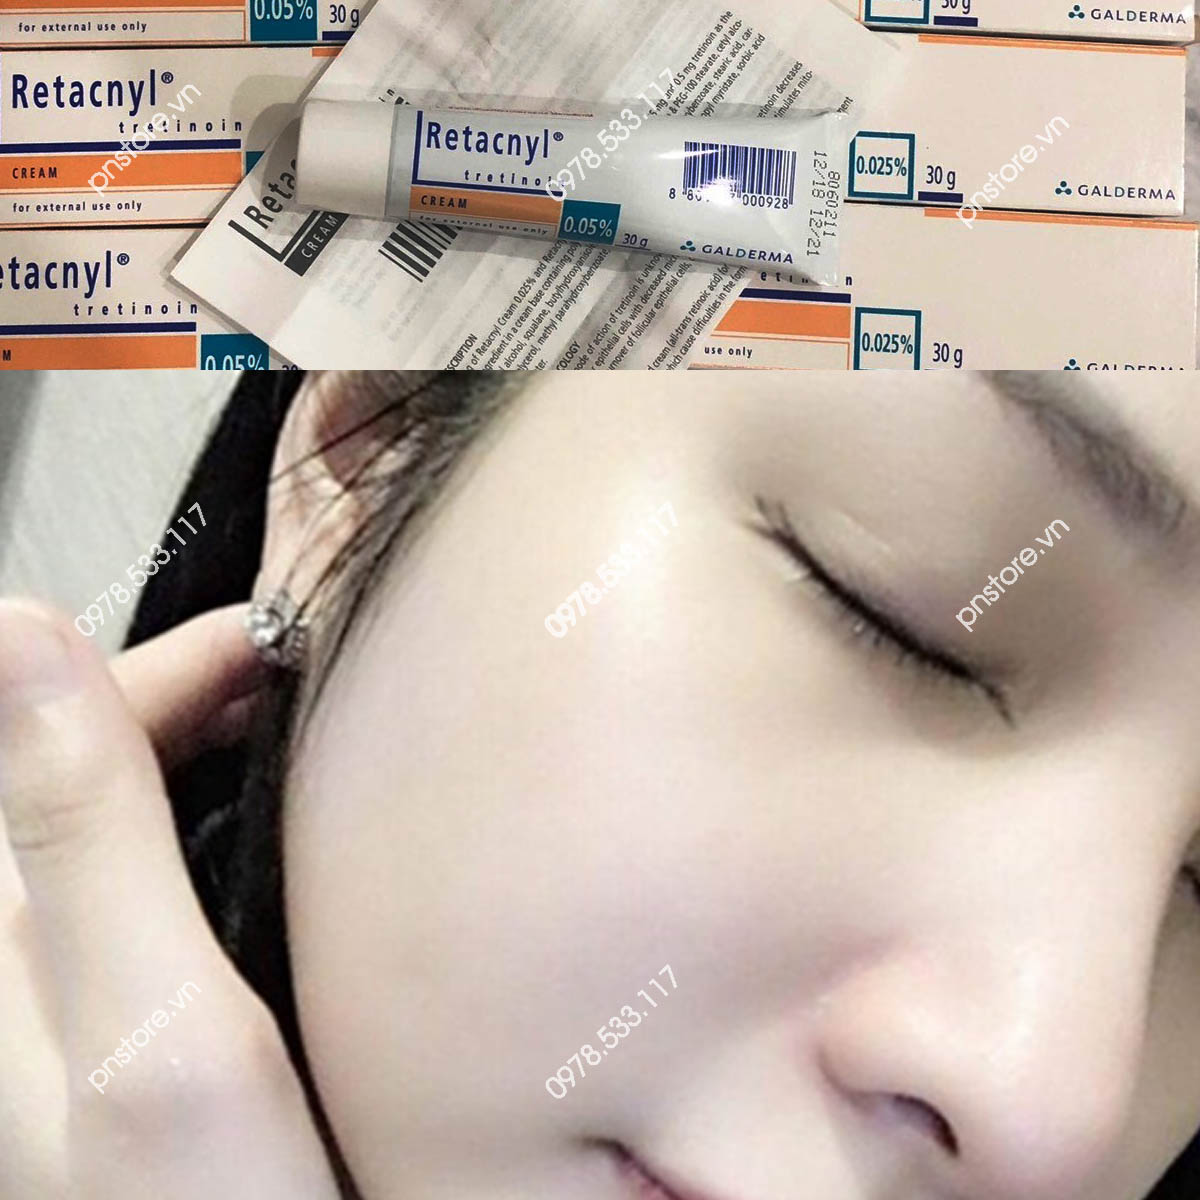 Kem đặc trị mụn Retacnyl Tretinoin Cream 0.05% Galderma chính hãng (Pháp)